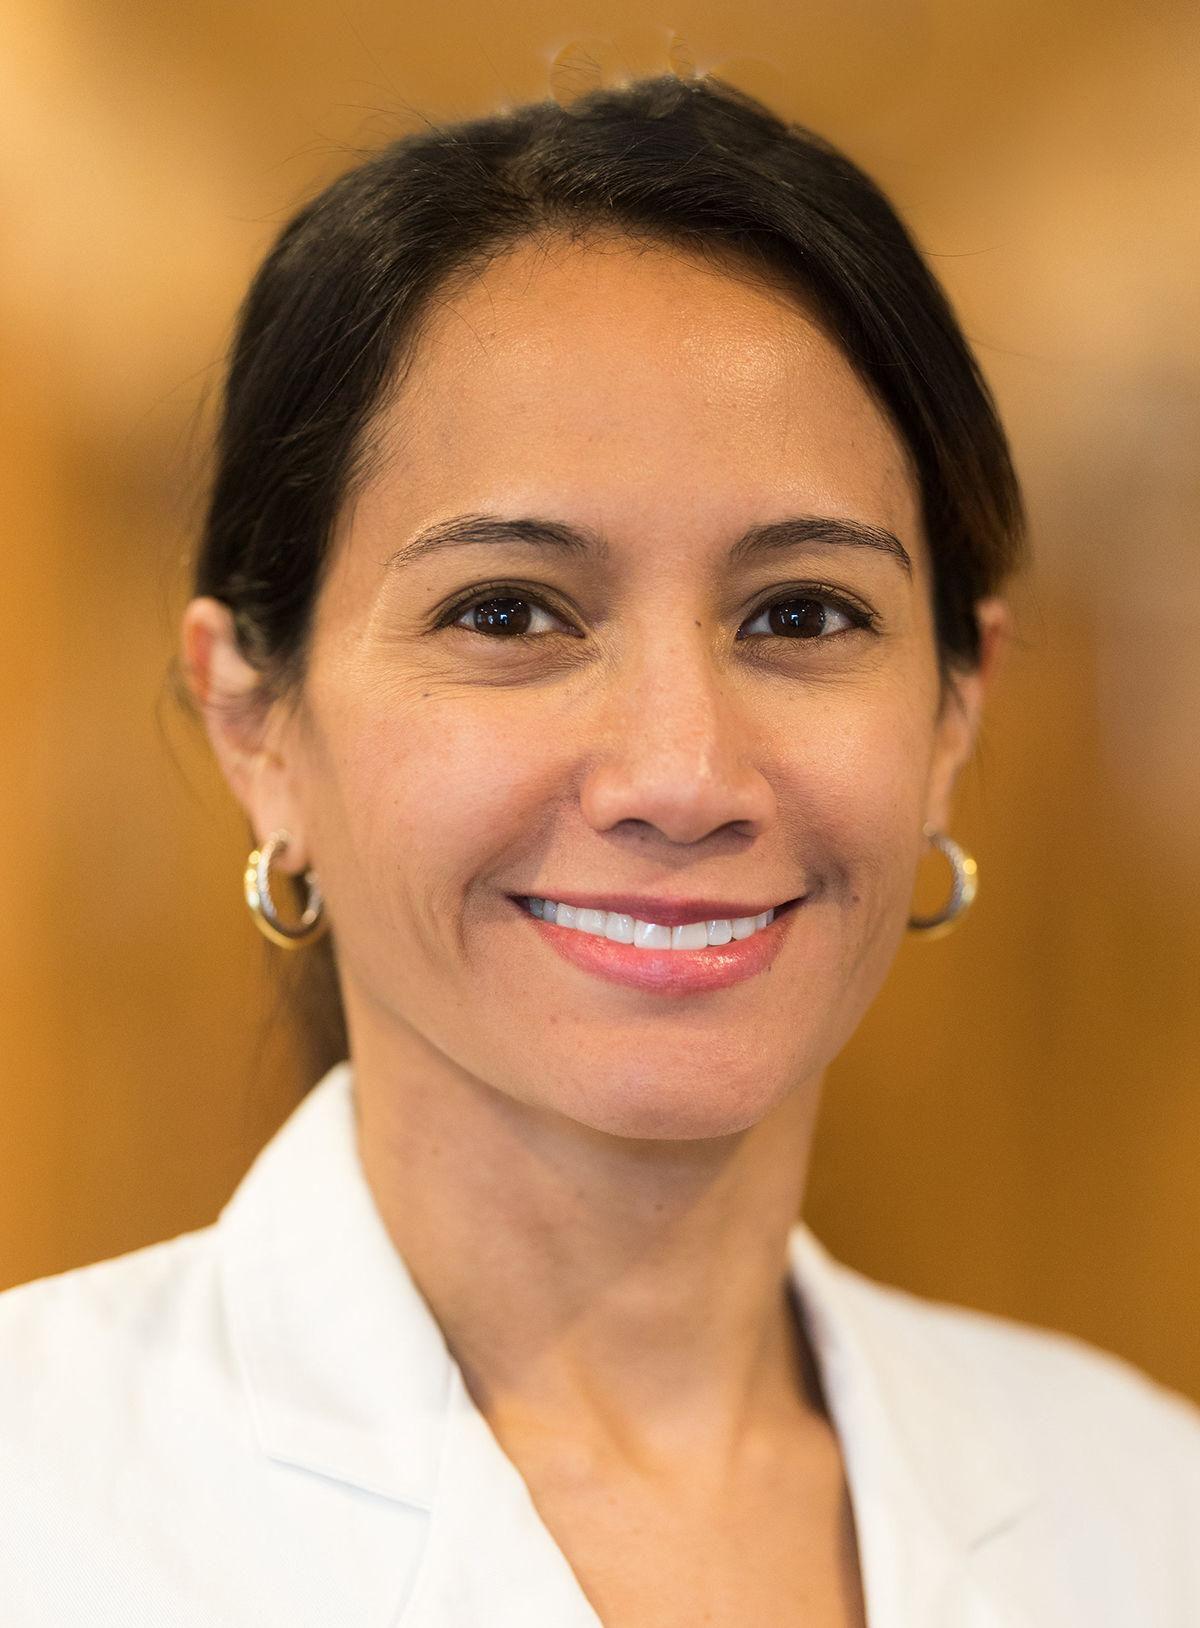 Dr. Ayne Amjad